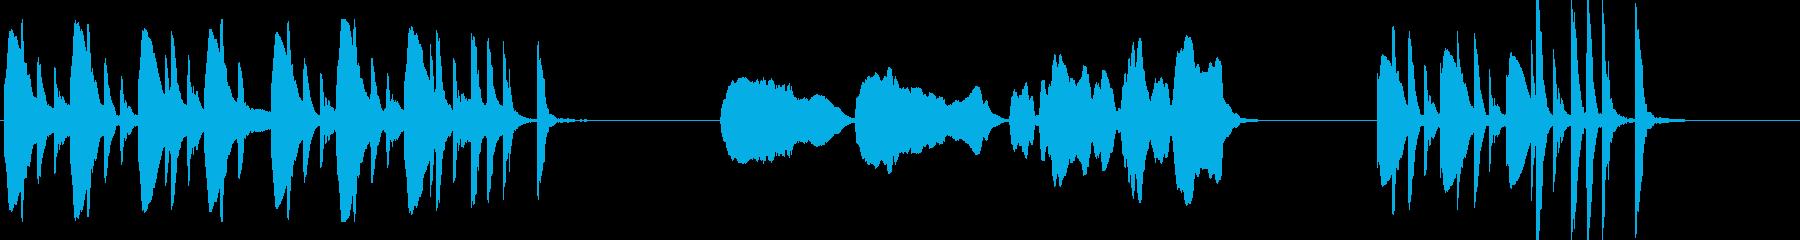 孤独のグルメ風なコミカル木琴とフルートの再生済みの波形